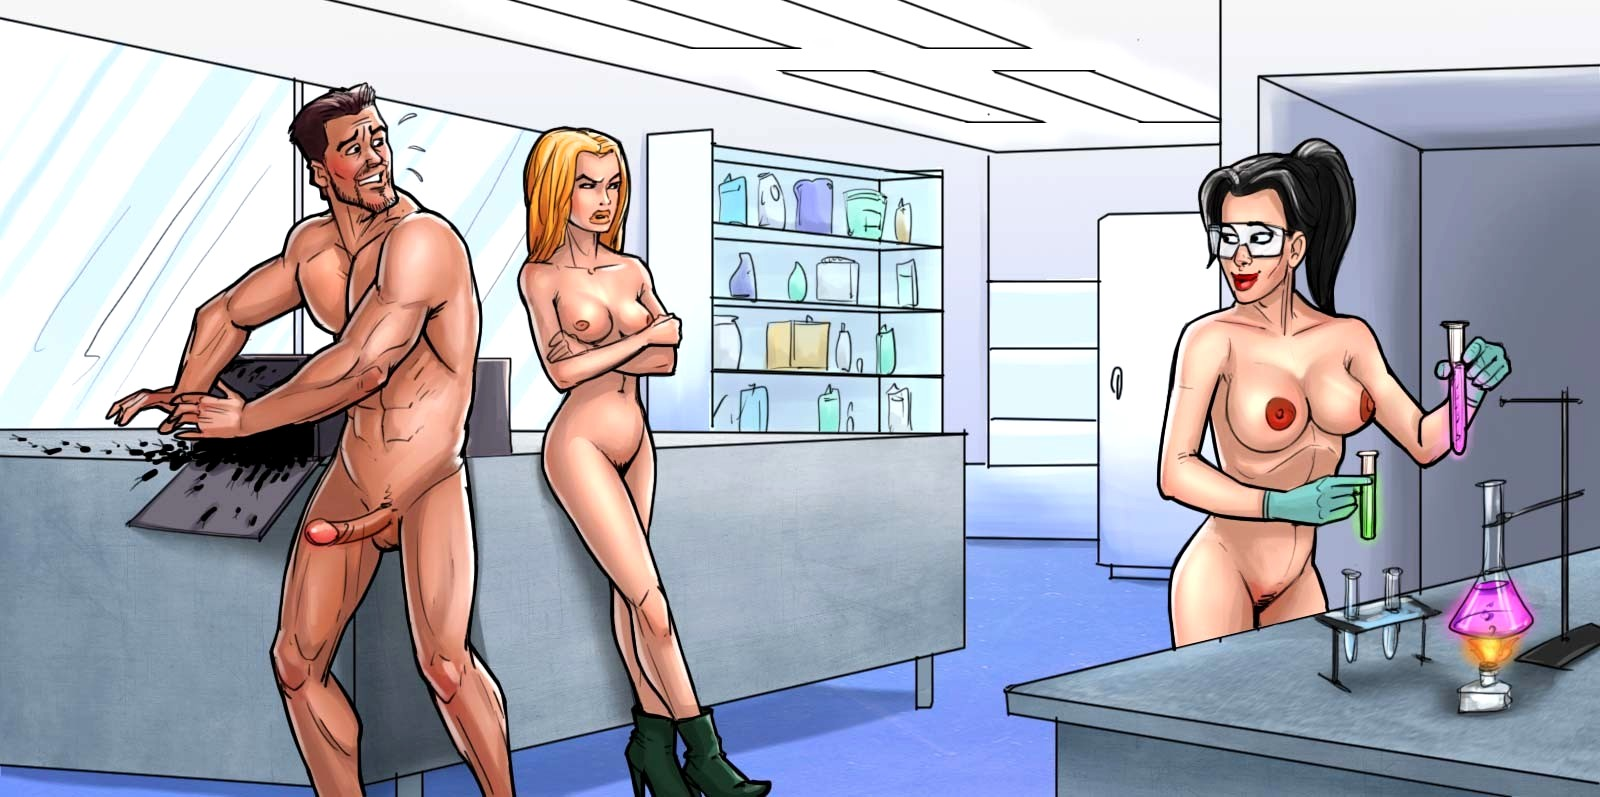 Девушка переспала порно игры играть онлайн в полные версии онлайн